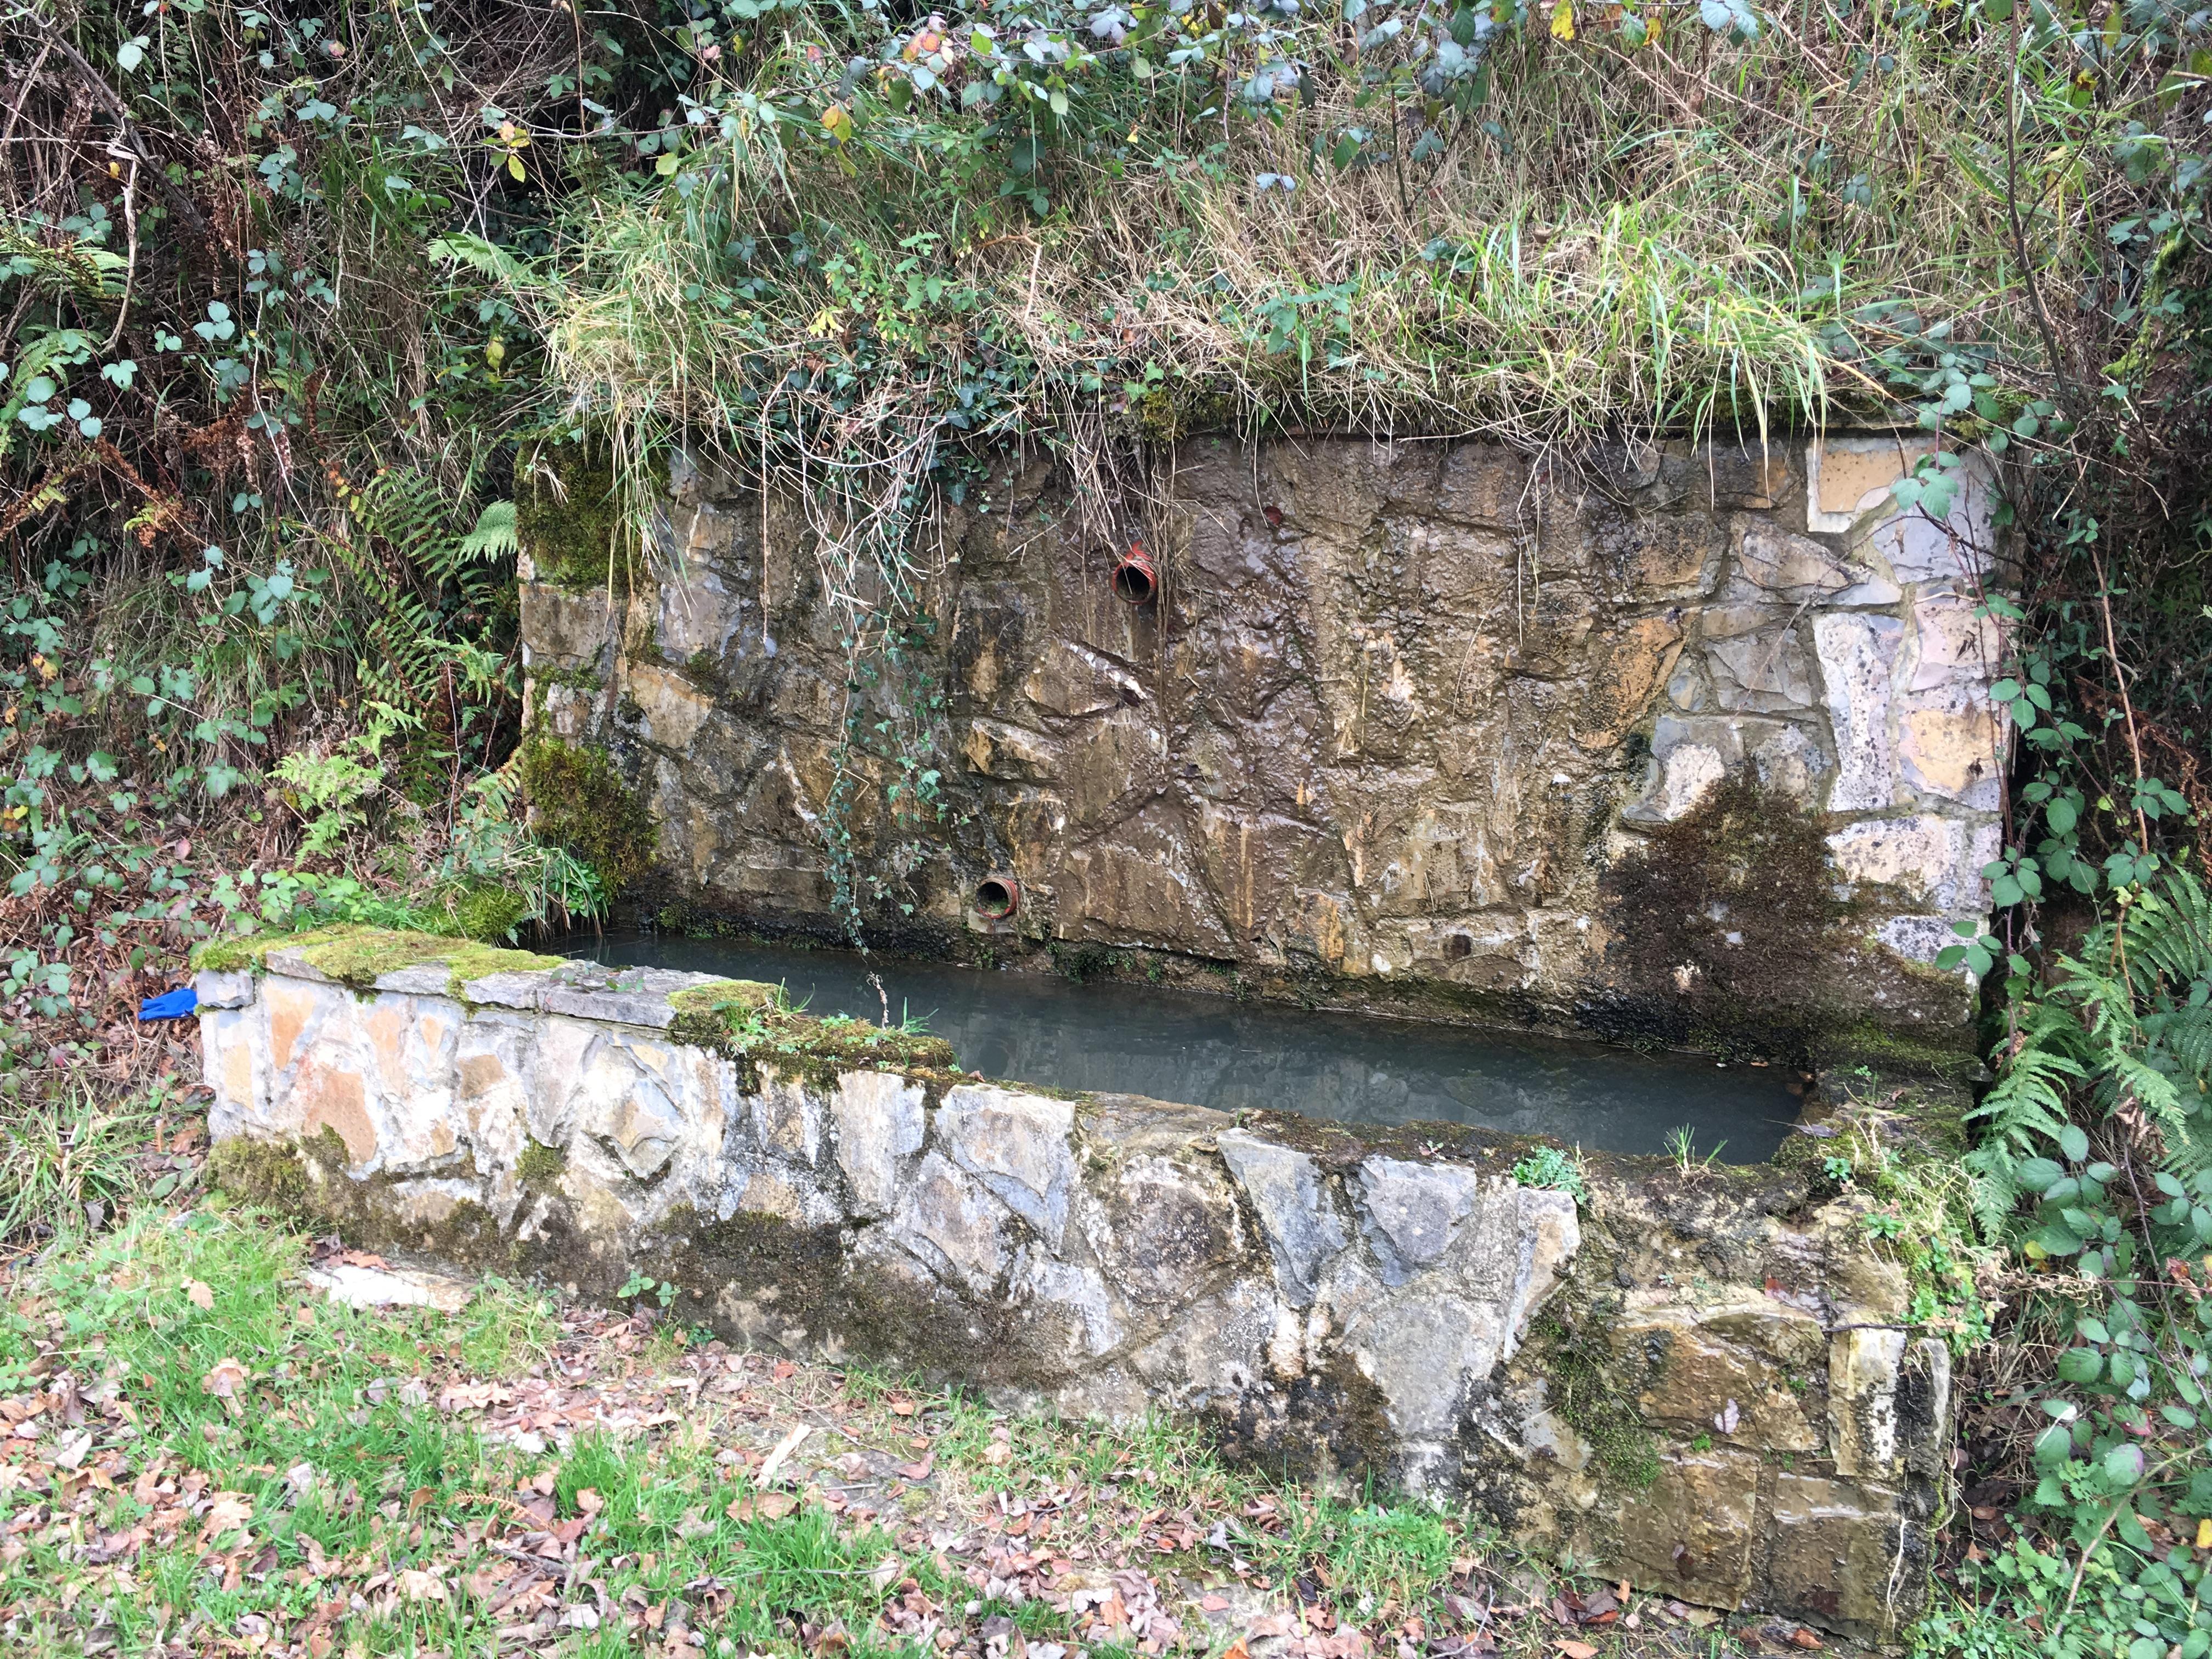 Valle del río Llamo (Riosa): Fuente Les Foxaques